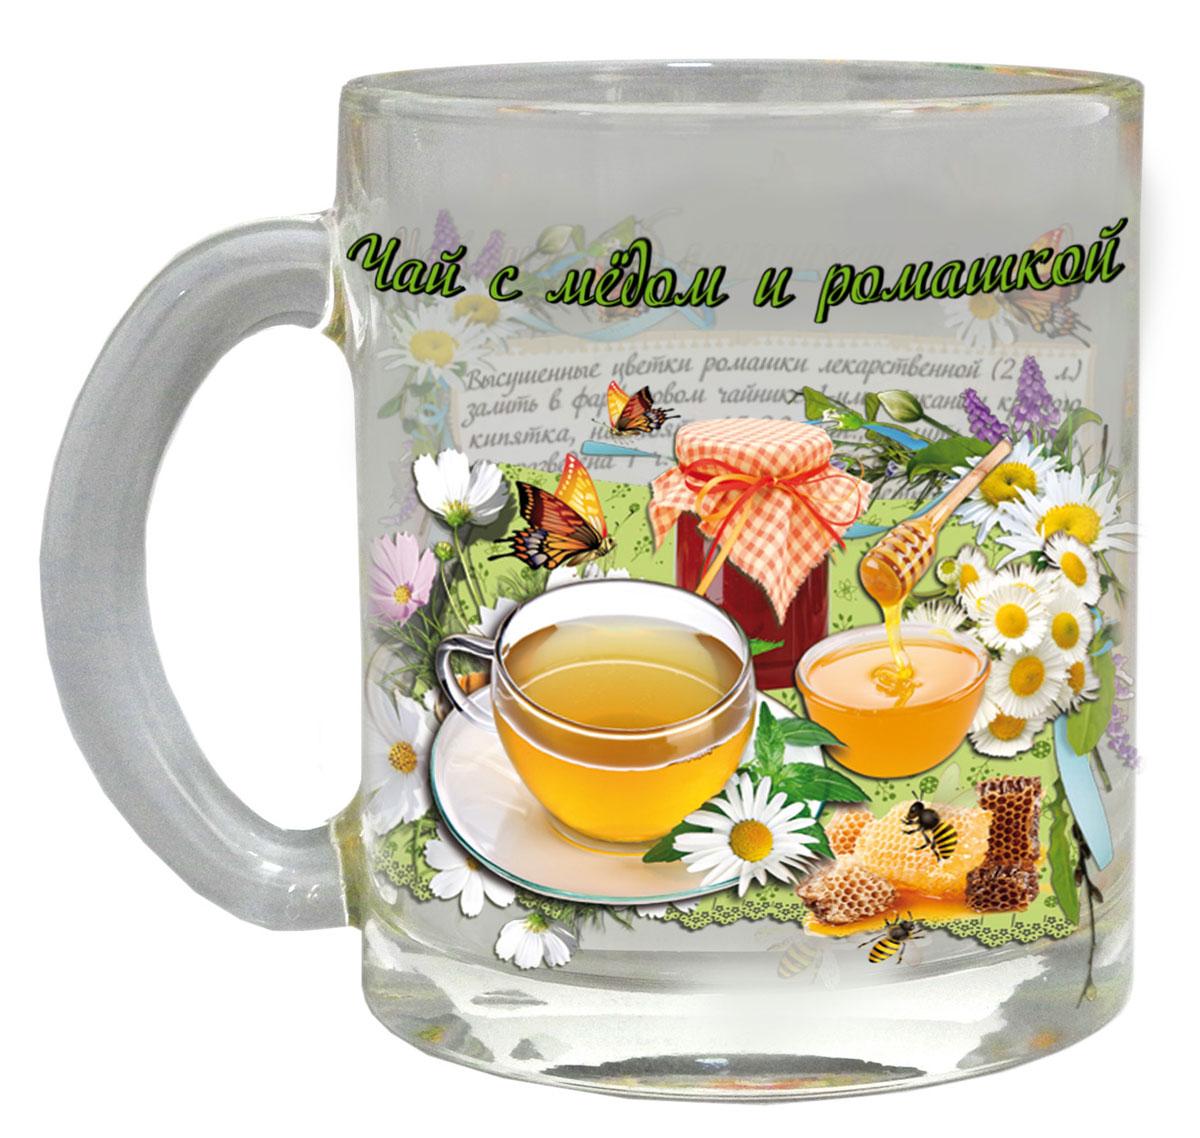 Кружка чайная Квестор Чай с медом и ромашкой, 320 мл103-001Кружка чайная Квестор Чай с медом и ромашкой, 320 мл